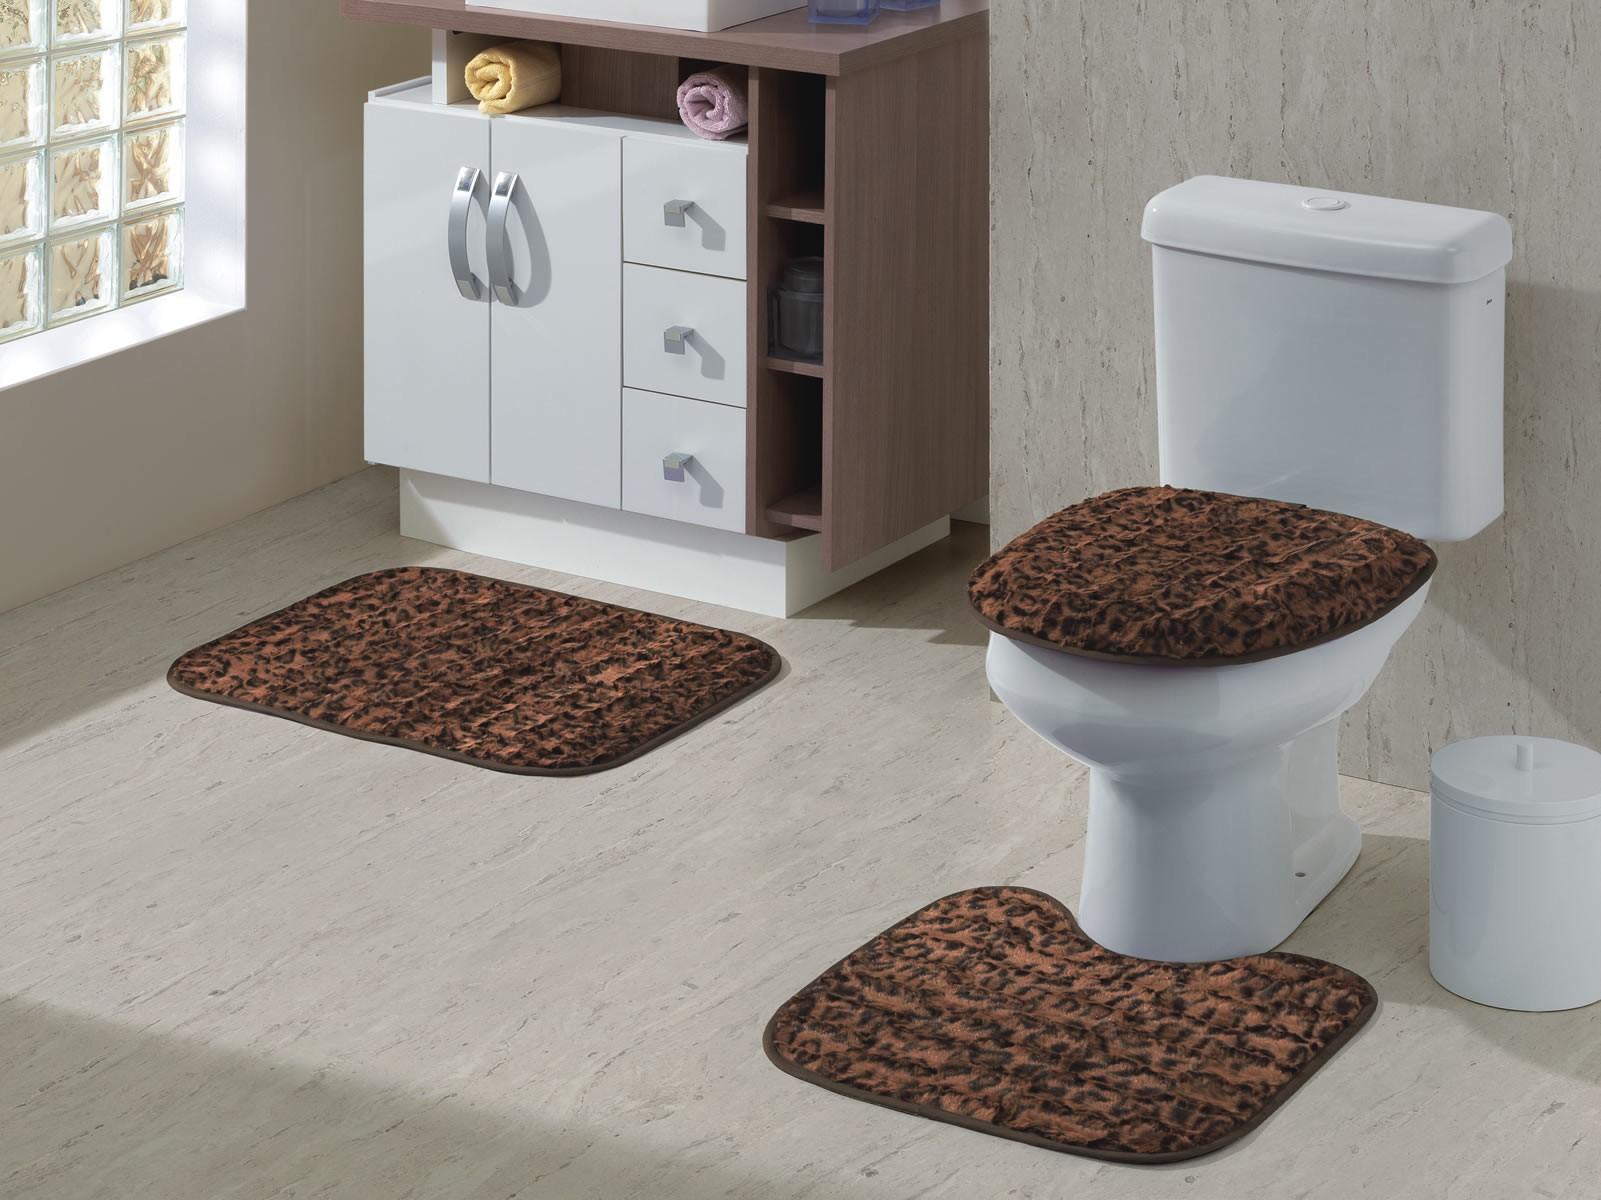 Imagens de #795D4C 13 modelos de tapetes para banheiros 1601x1200 px 3612 Banheiros Social Planejados